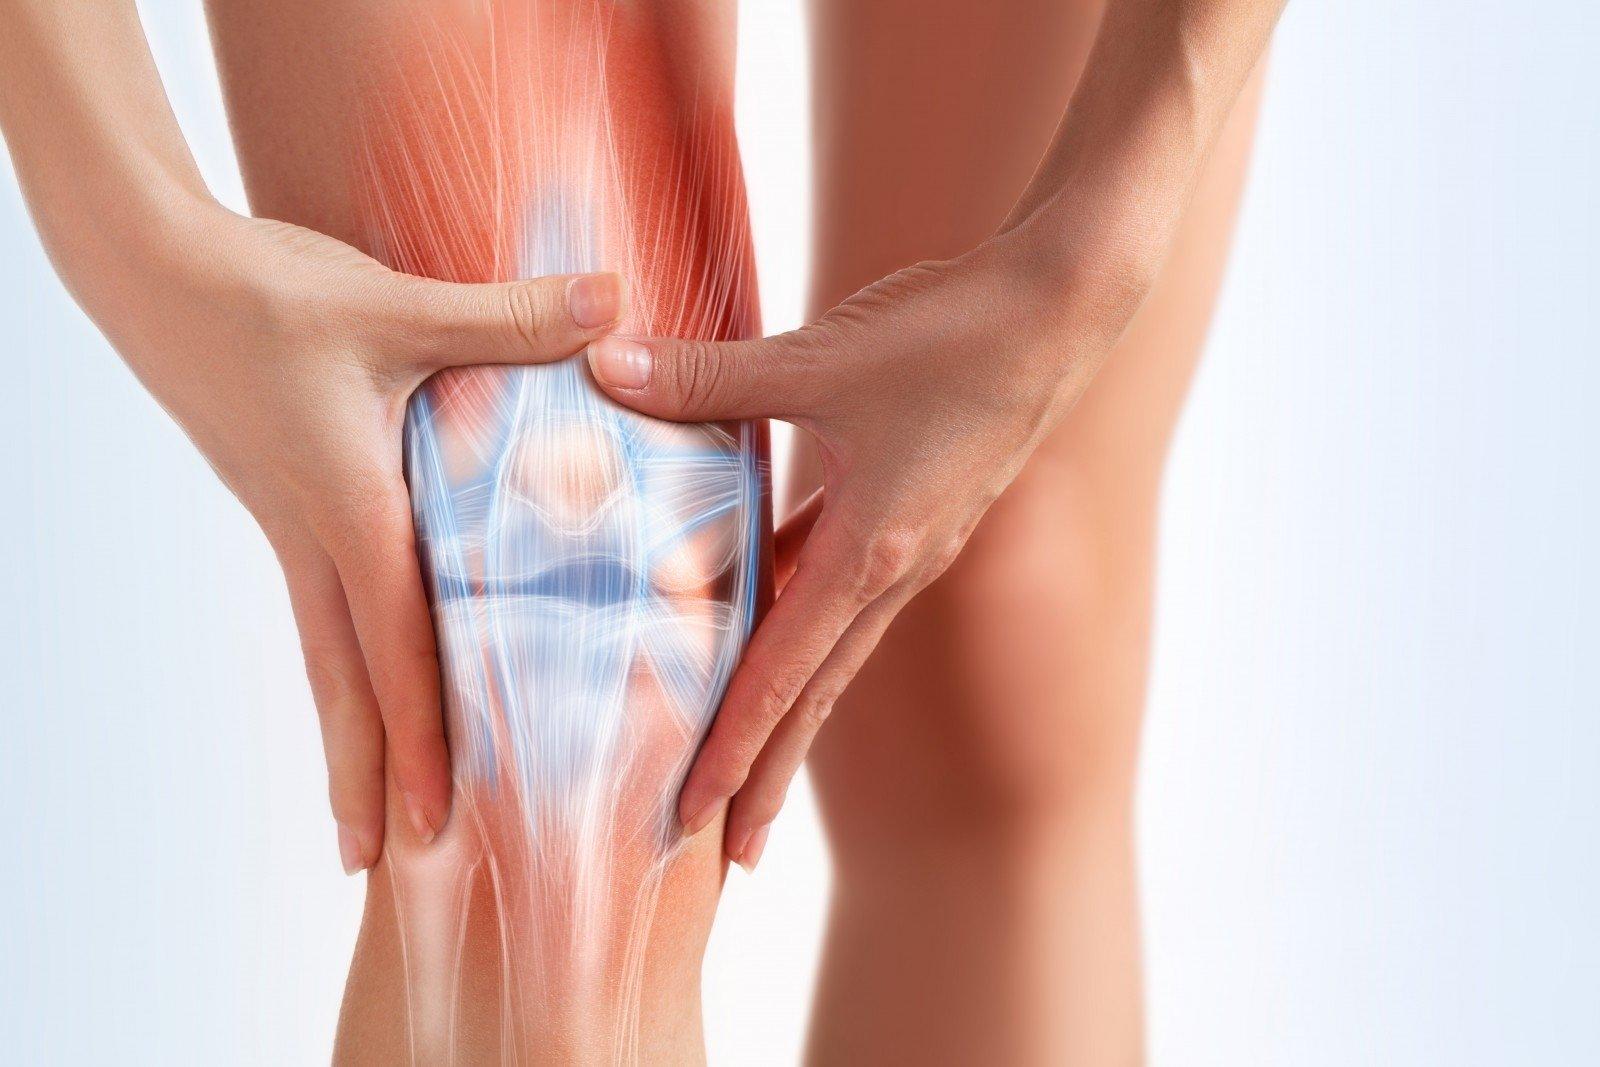 skausmas nuo gydymo priežastis sąnarių sąnarių skausmas su adneksito